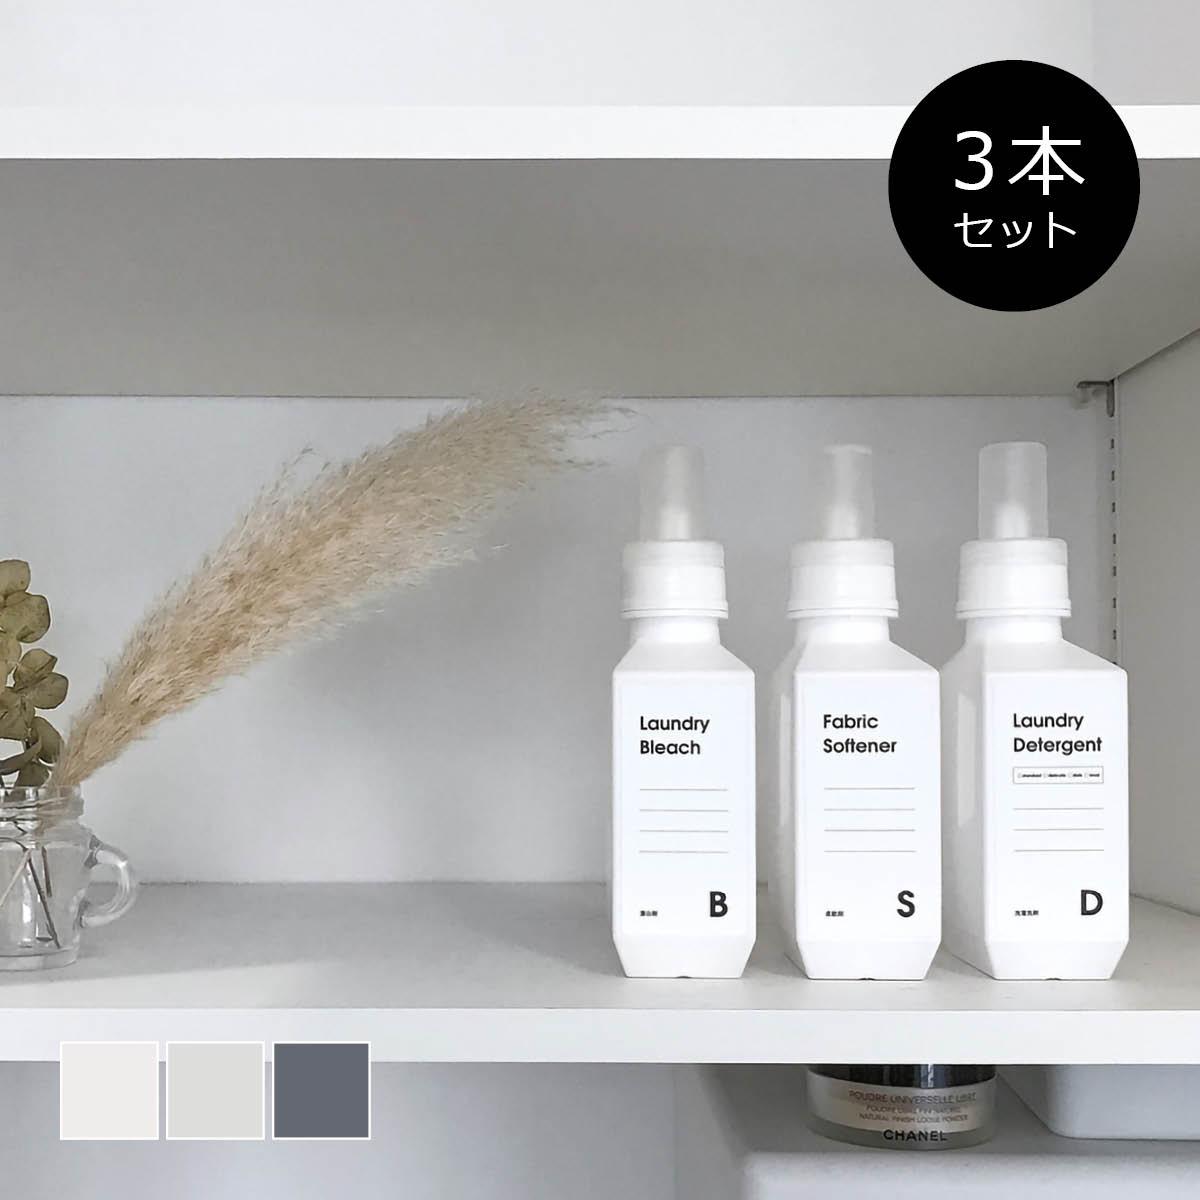 洗濯洗剤 柔軟剤 詰め替えボトル [セット販売●b2c ランドリーボトル-M 700ml【3本入り】] ラベル・シール別売#SALE_BO